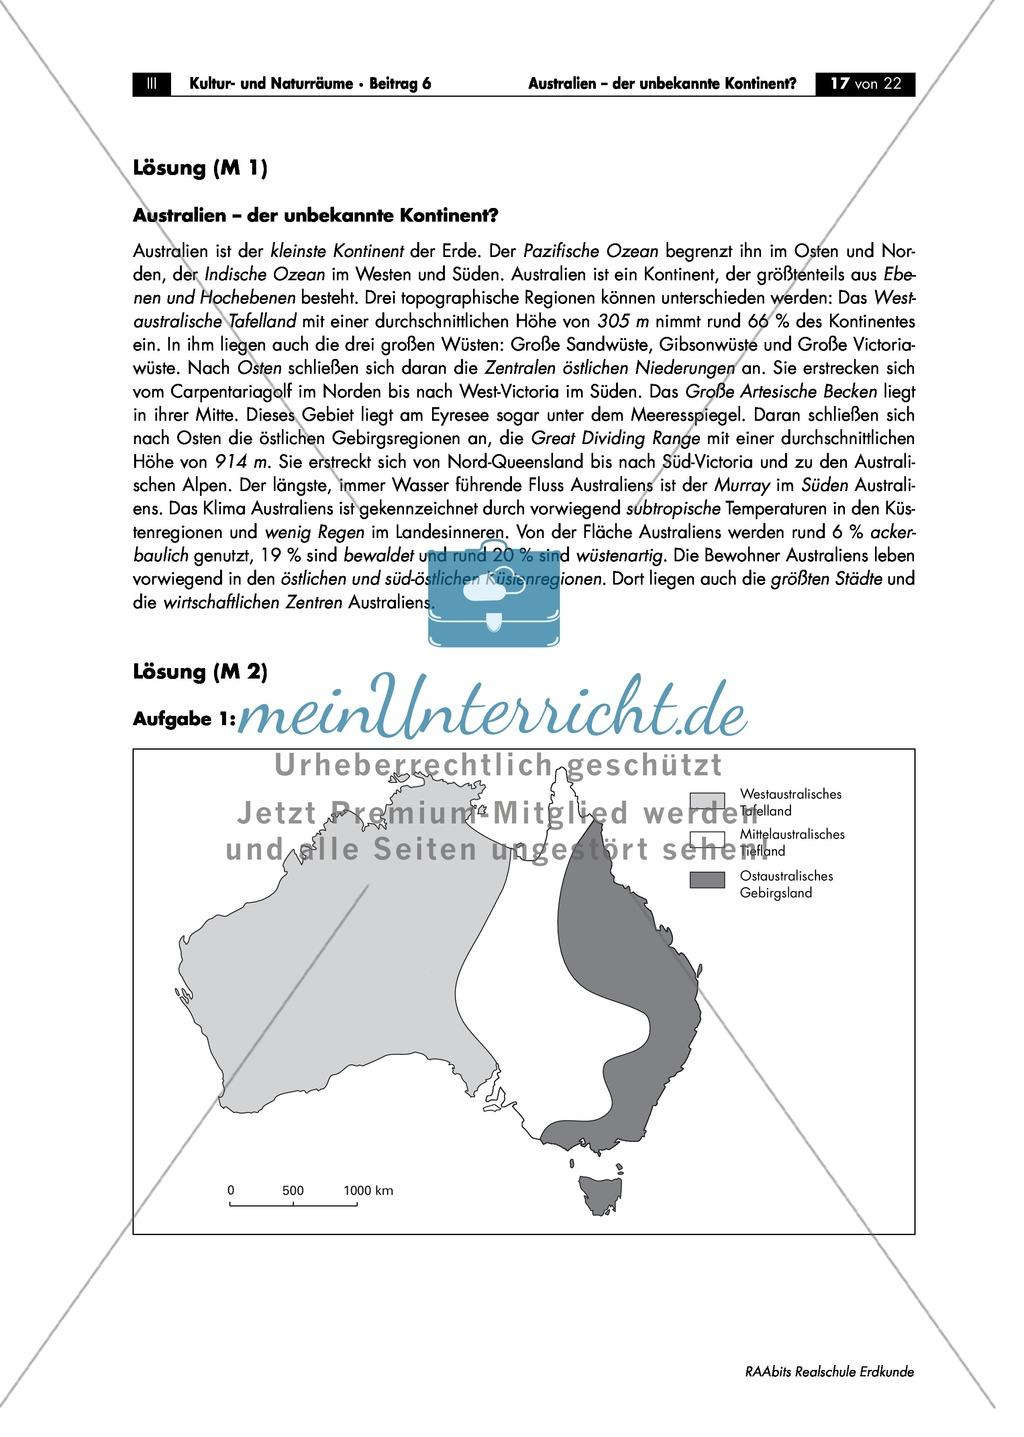 Der Kontinent Australien: Überblick - meinUnterricht